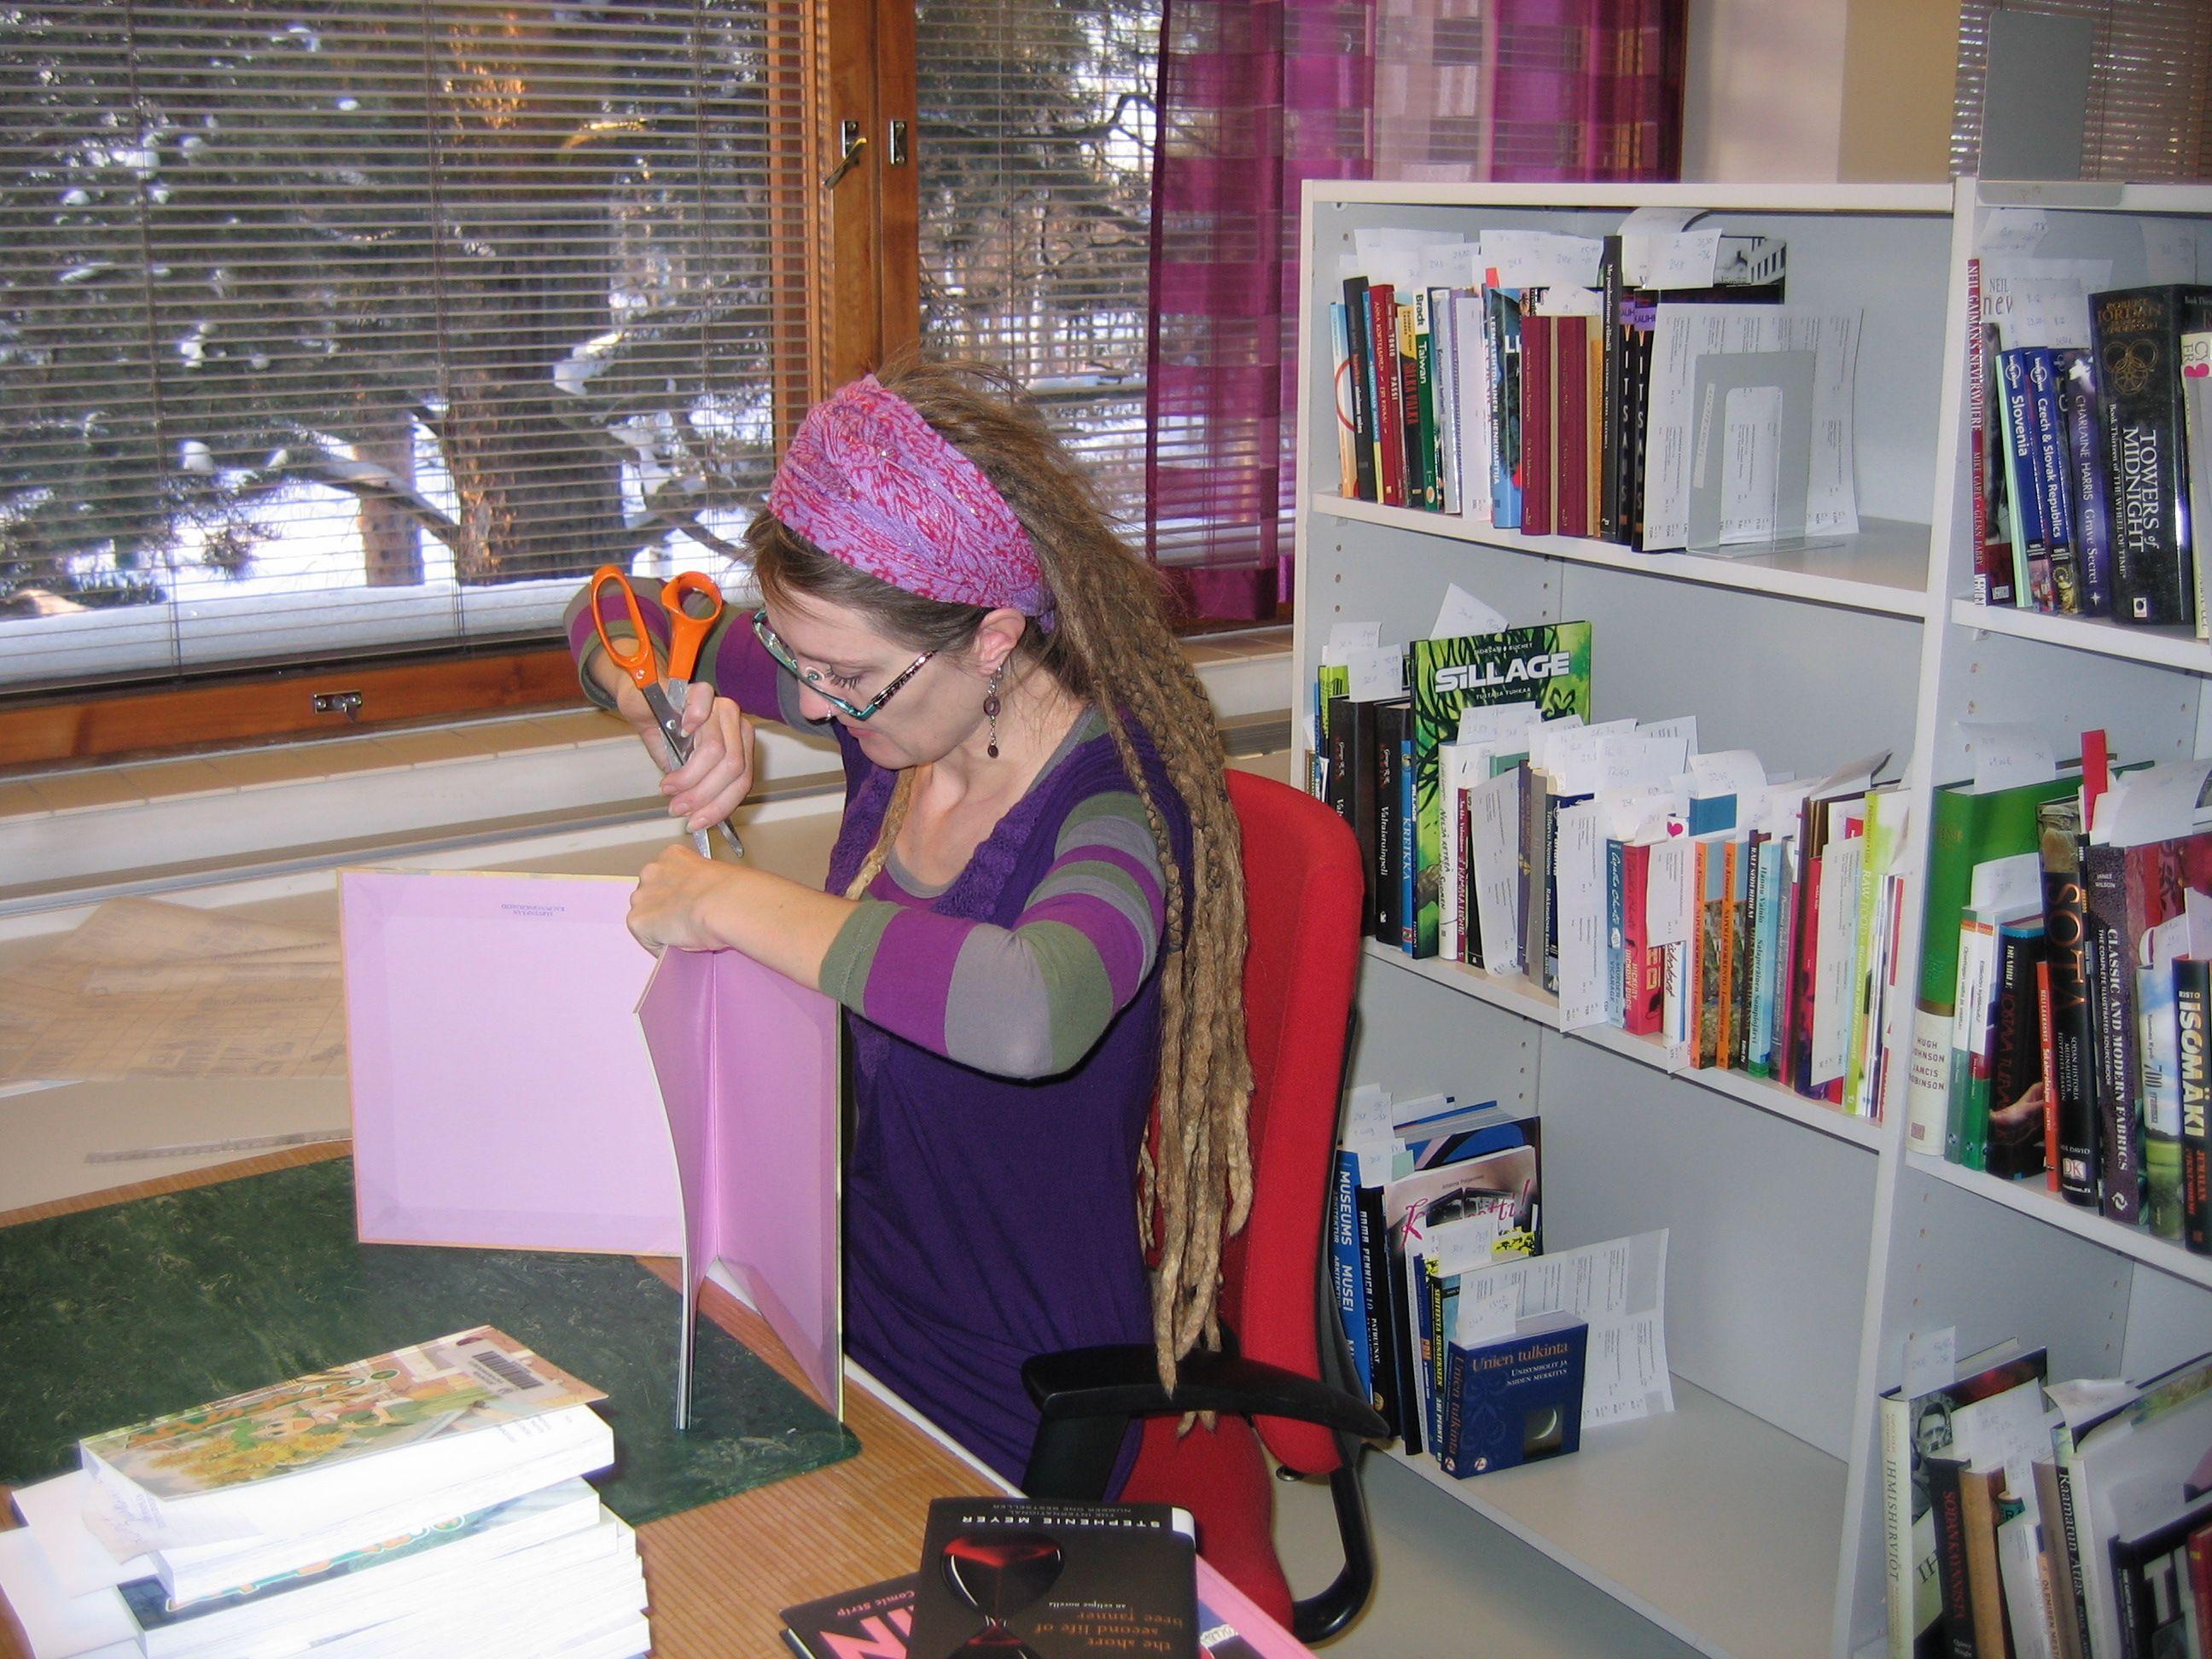 Muovitusta kirjastossa